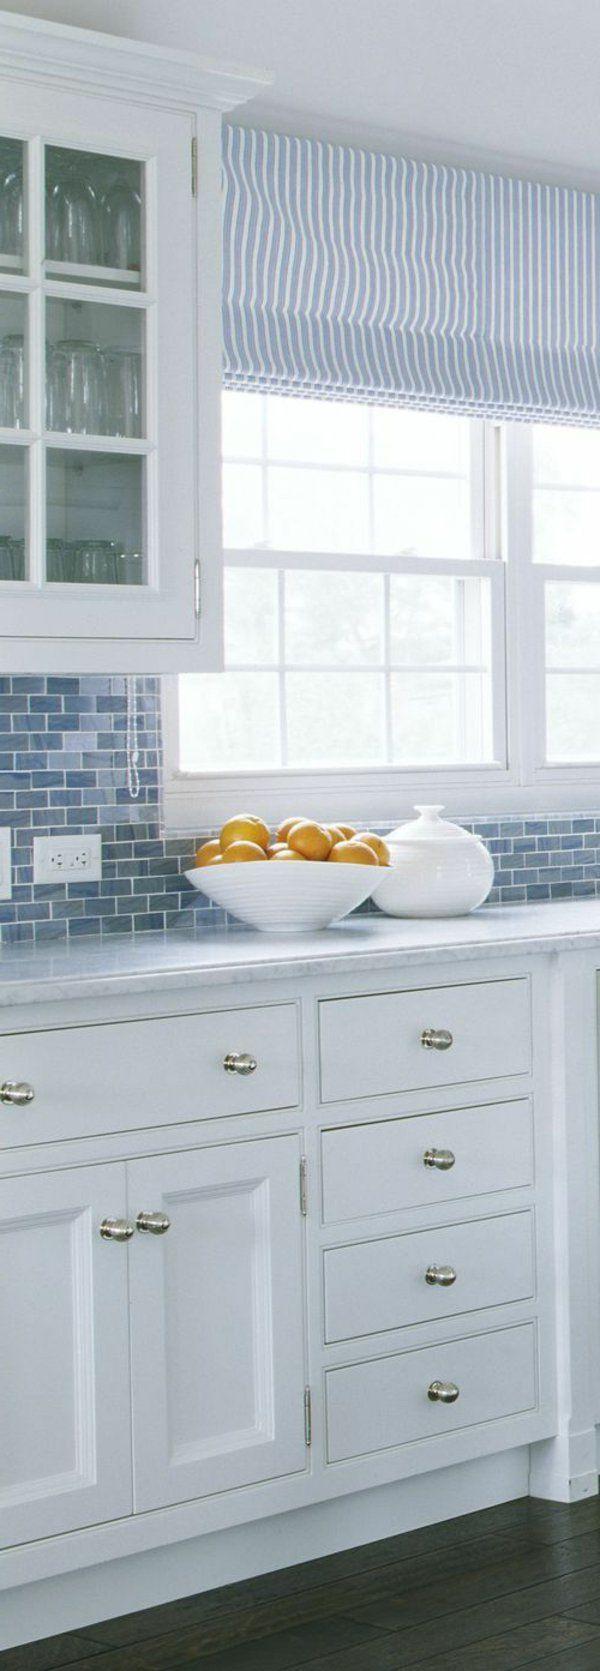 Full Size of Raffrollo Küchenfenster Fr Kche Eine Praktische Dekoration Fenster Küche Wohnzimmer Raffrollo Küchenfenster